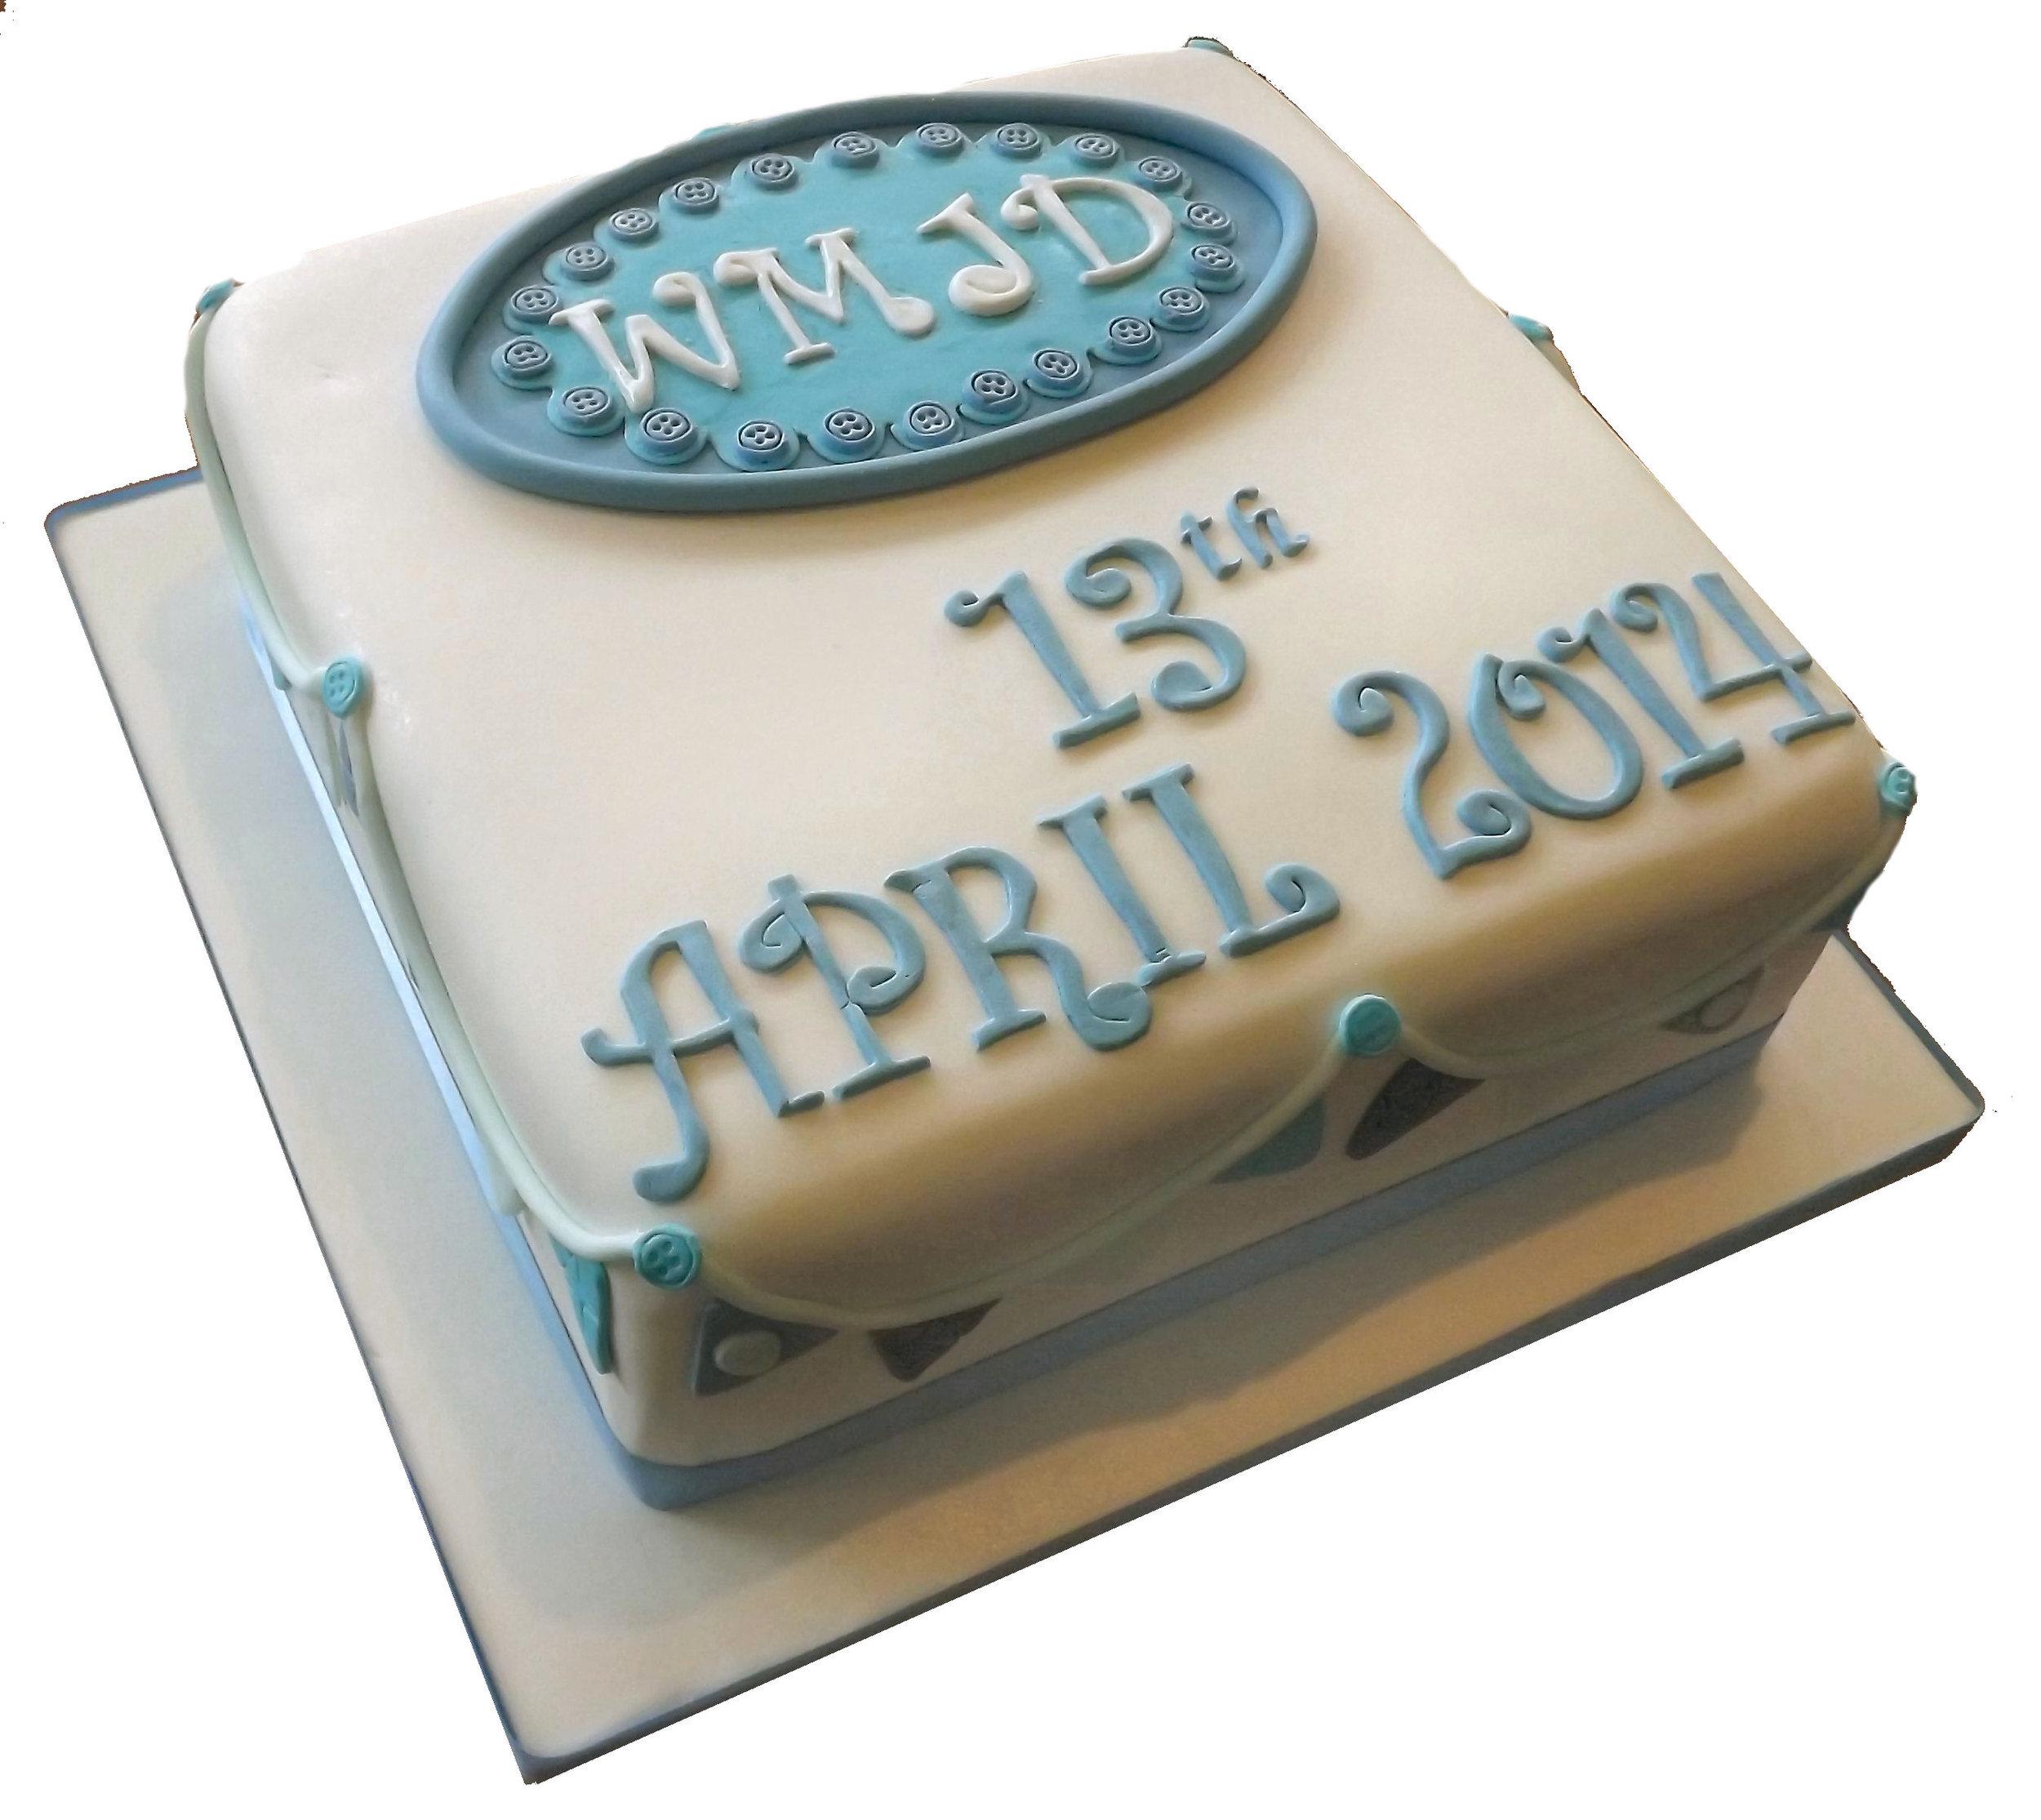 christening cake 2.jpg